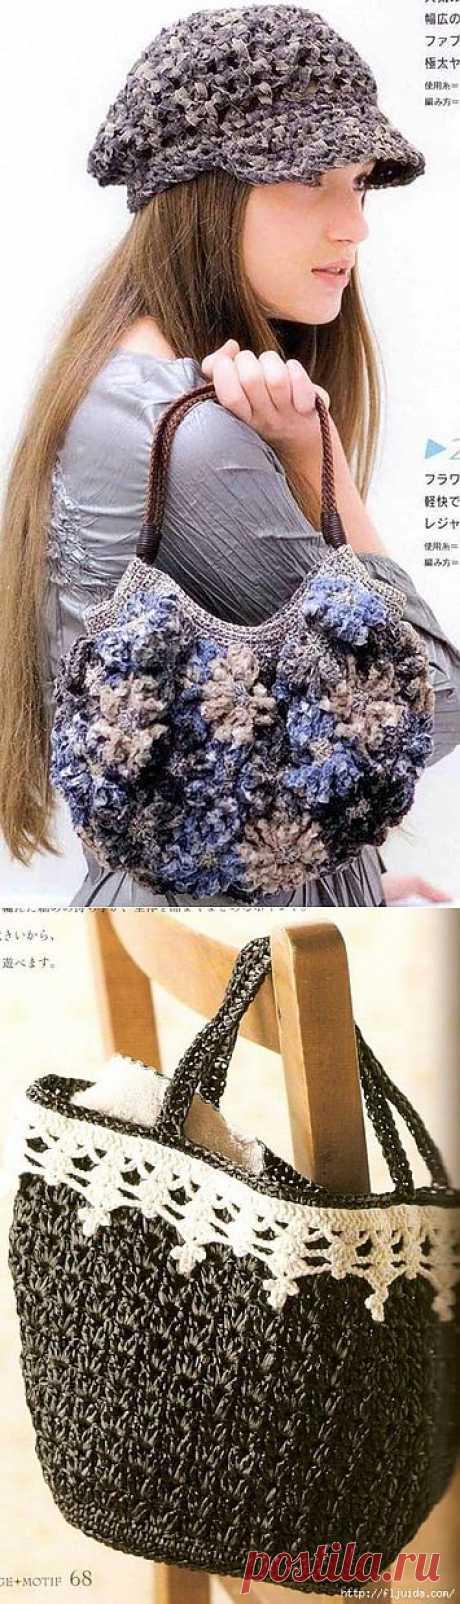 1 часть. Схемы для вязания сумок крючком. 7 моделей..